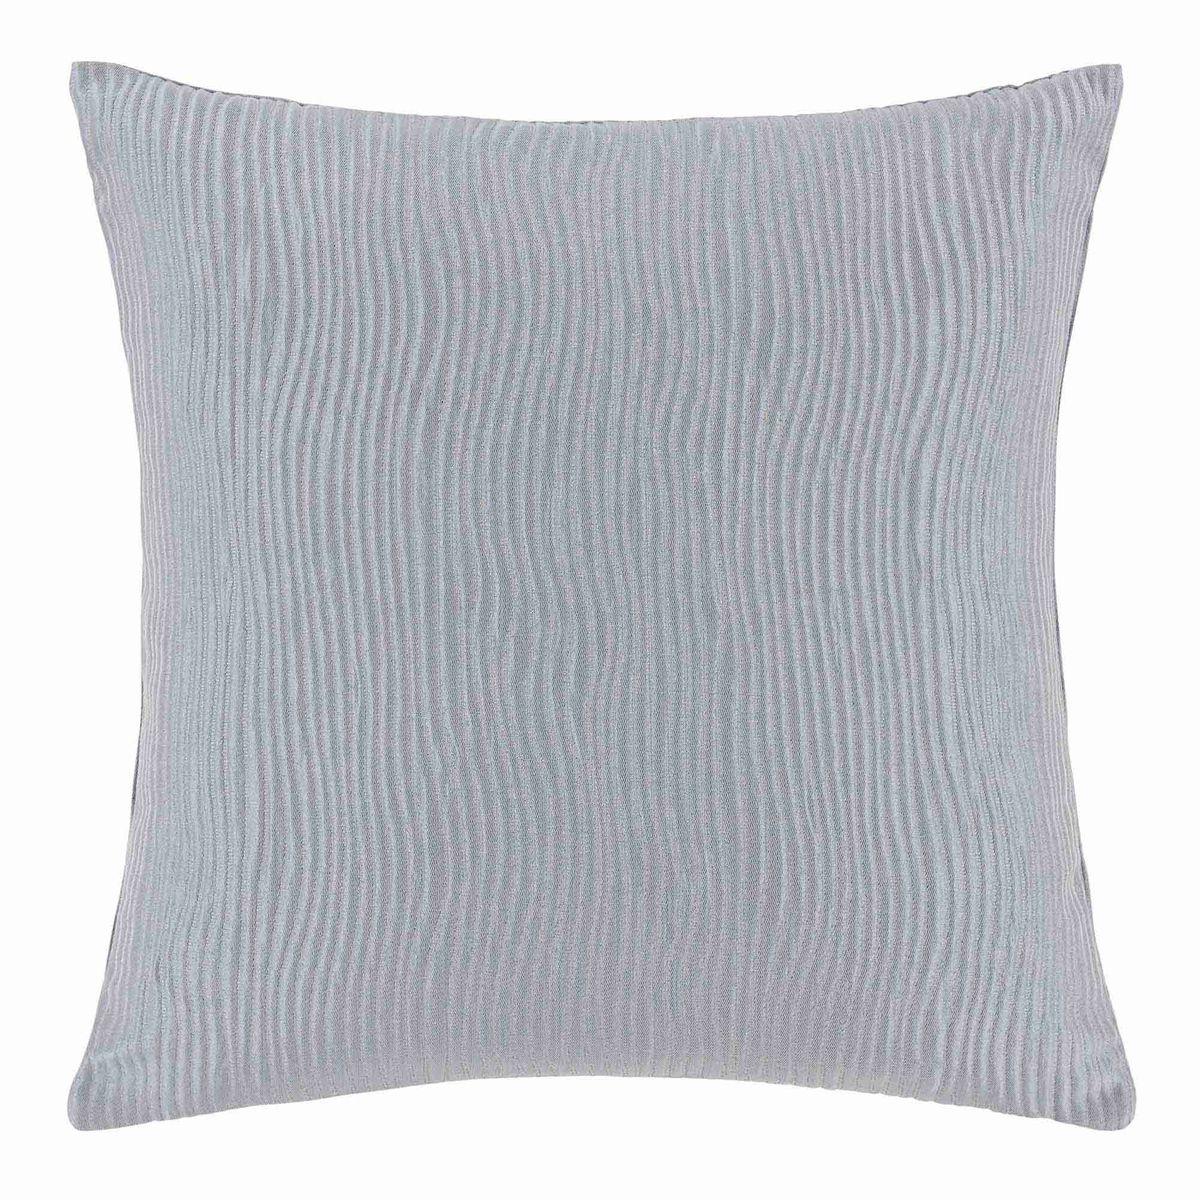 Enveloppe de coussin Polyester VAGUES Gris clair